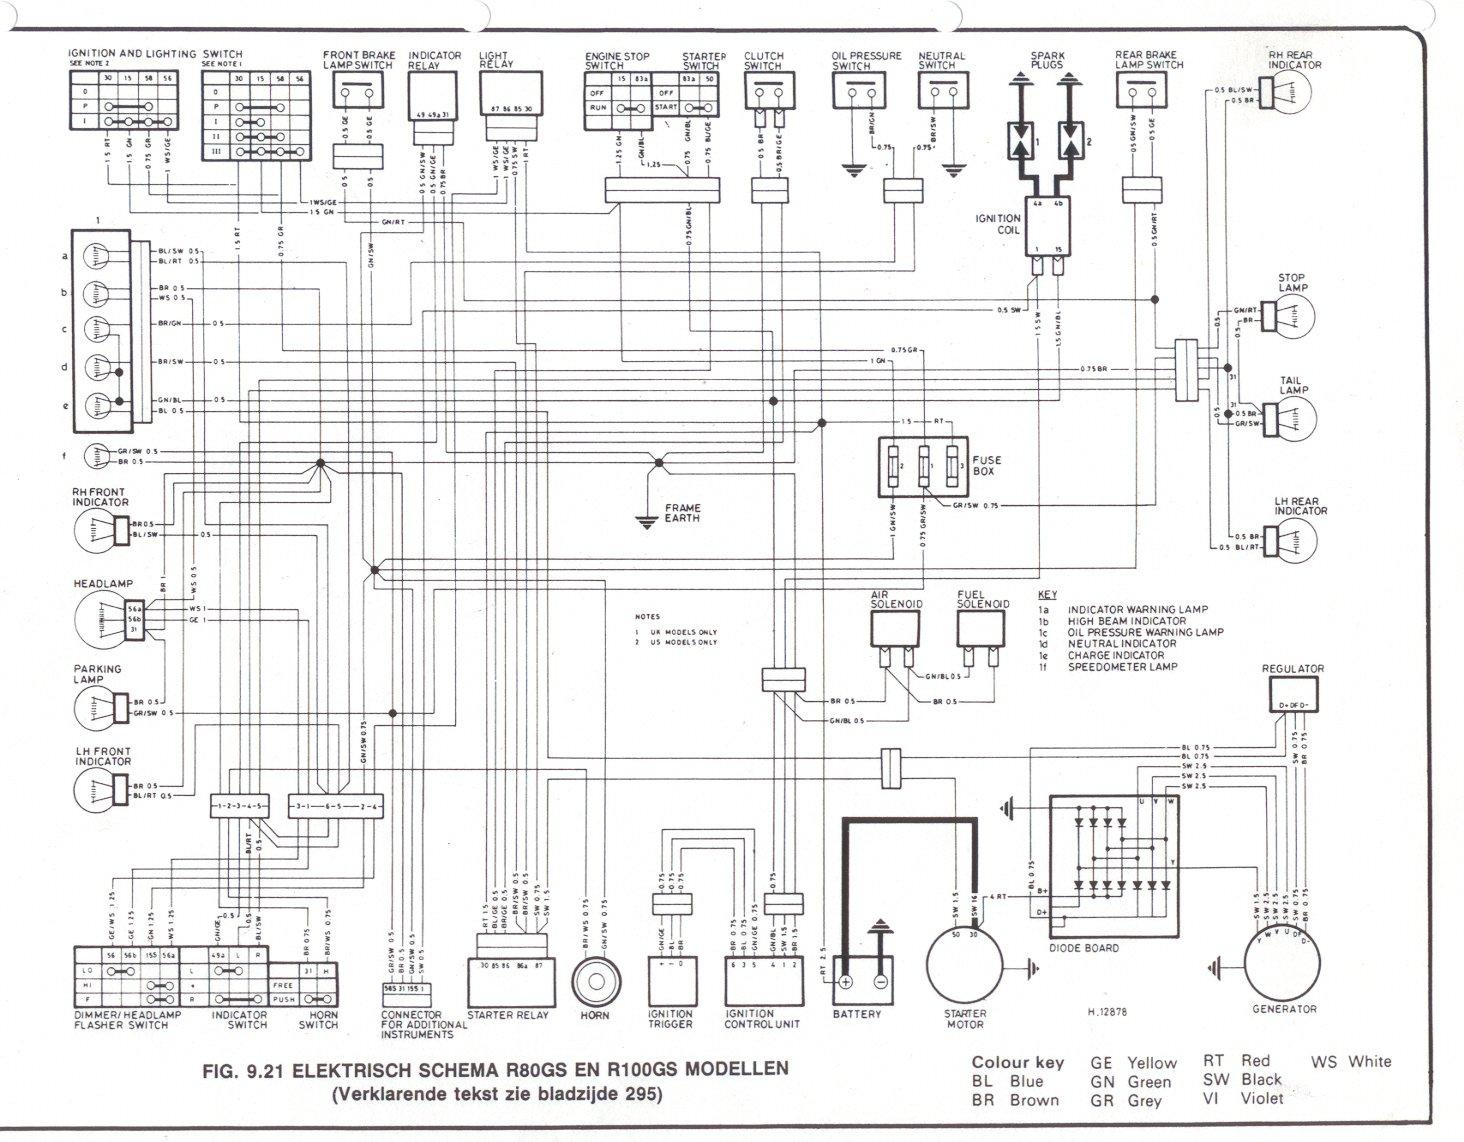 exhaust fan motor wiring diagram